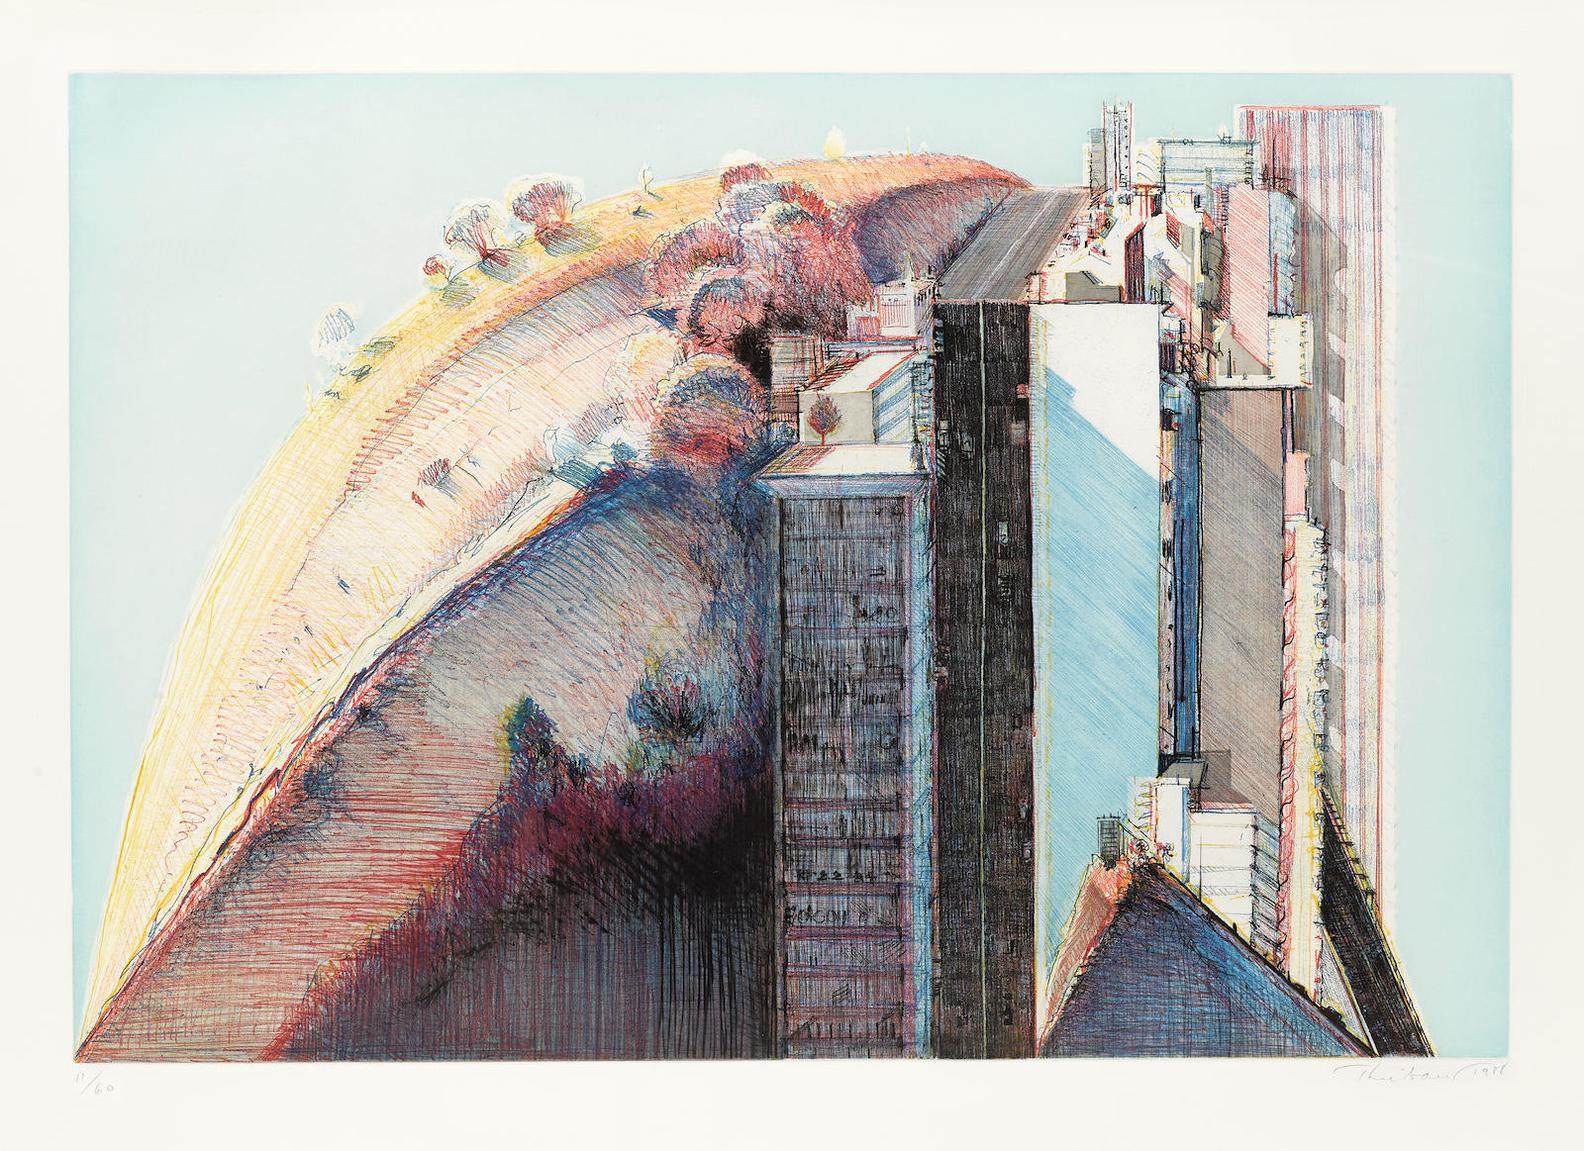 Wayne Thiebaud-Country City-1988